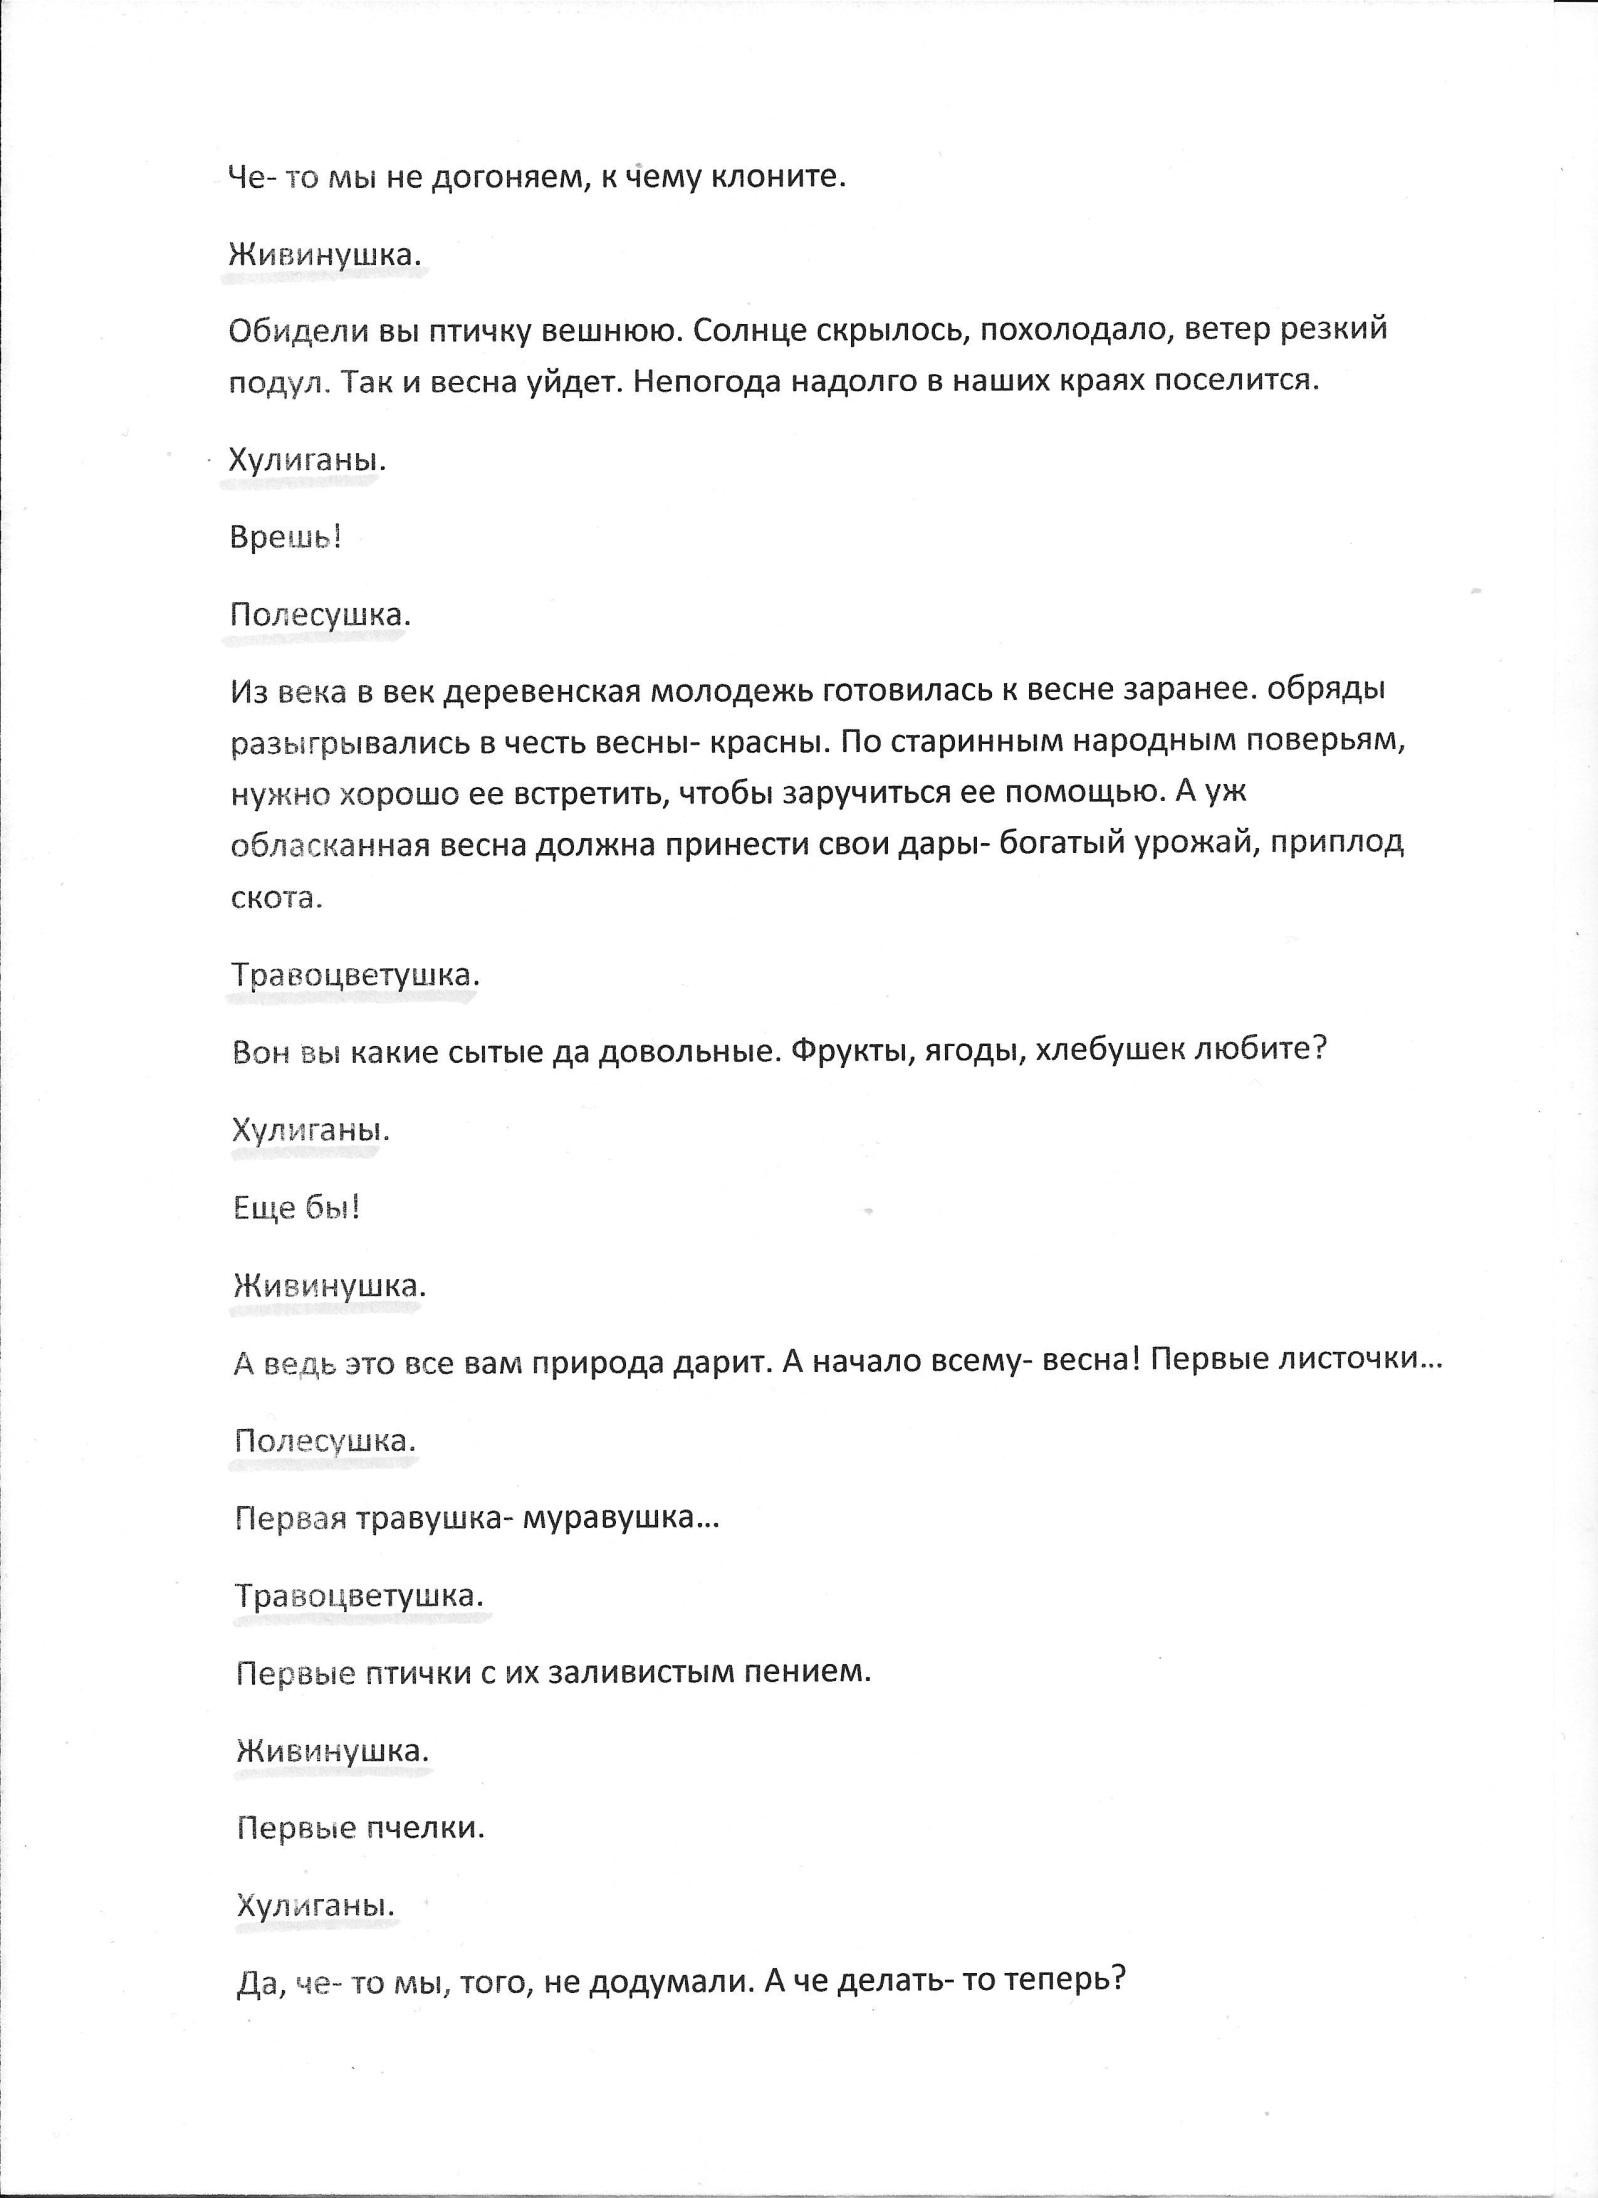 C:\Users\днс\Desktop\сканы сценариев Розовой\На экологическую тему\scan0004.jpg